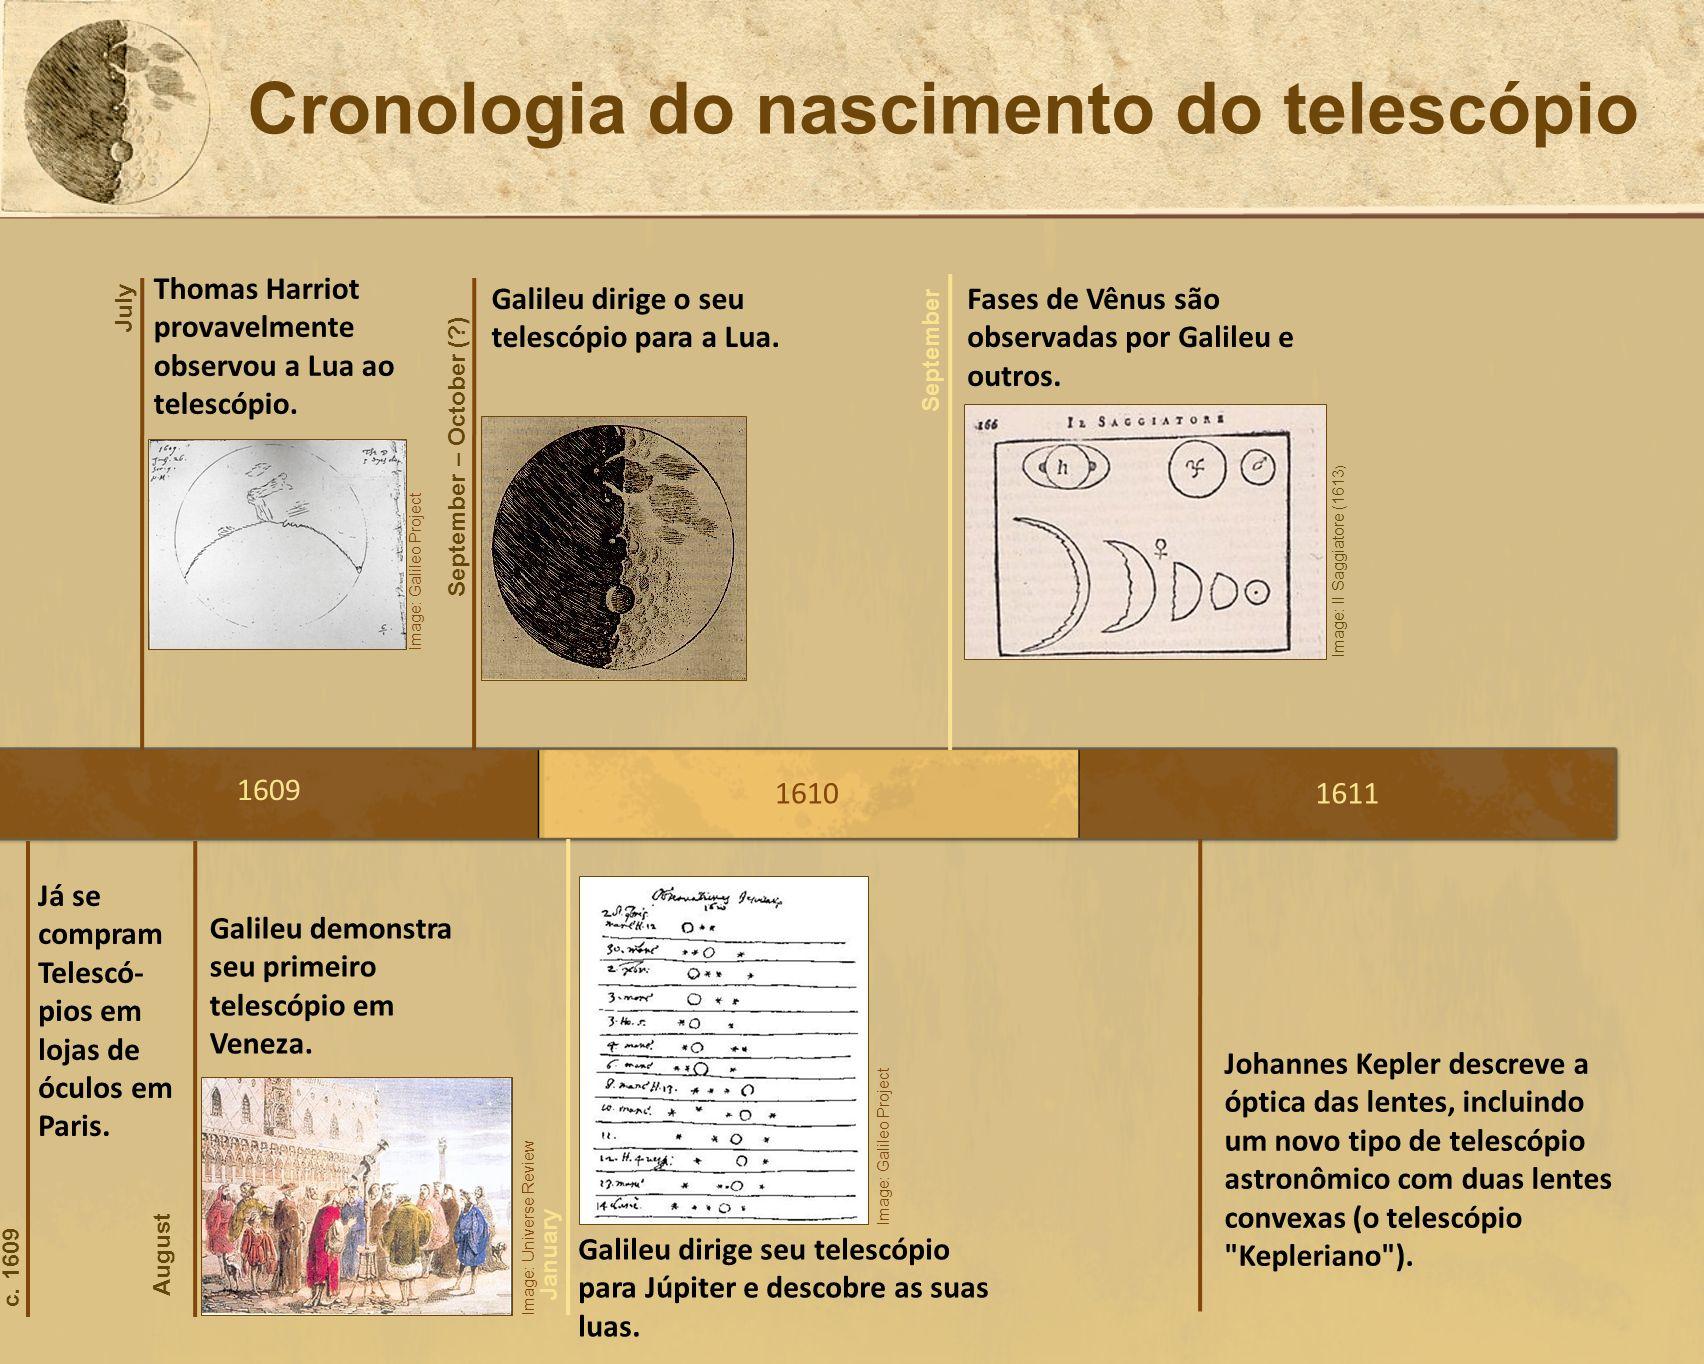 Cronologia do nascimento do telescópio 1609 Galileu demonstra seu primeiro telescópio em Veneza. Já se compram Telescó- pios em lojas de óculos em Par